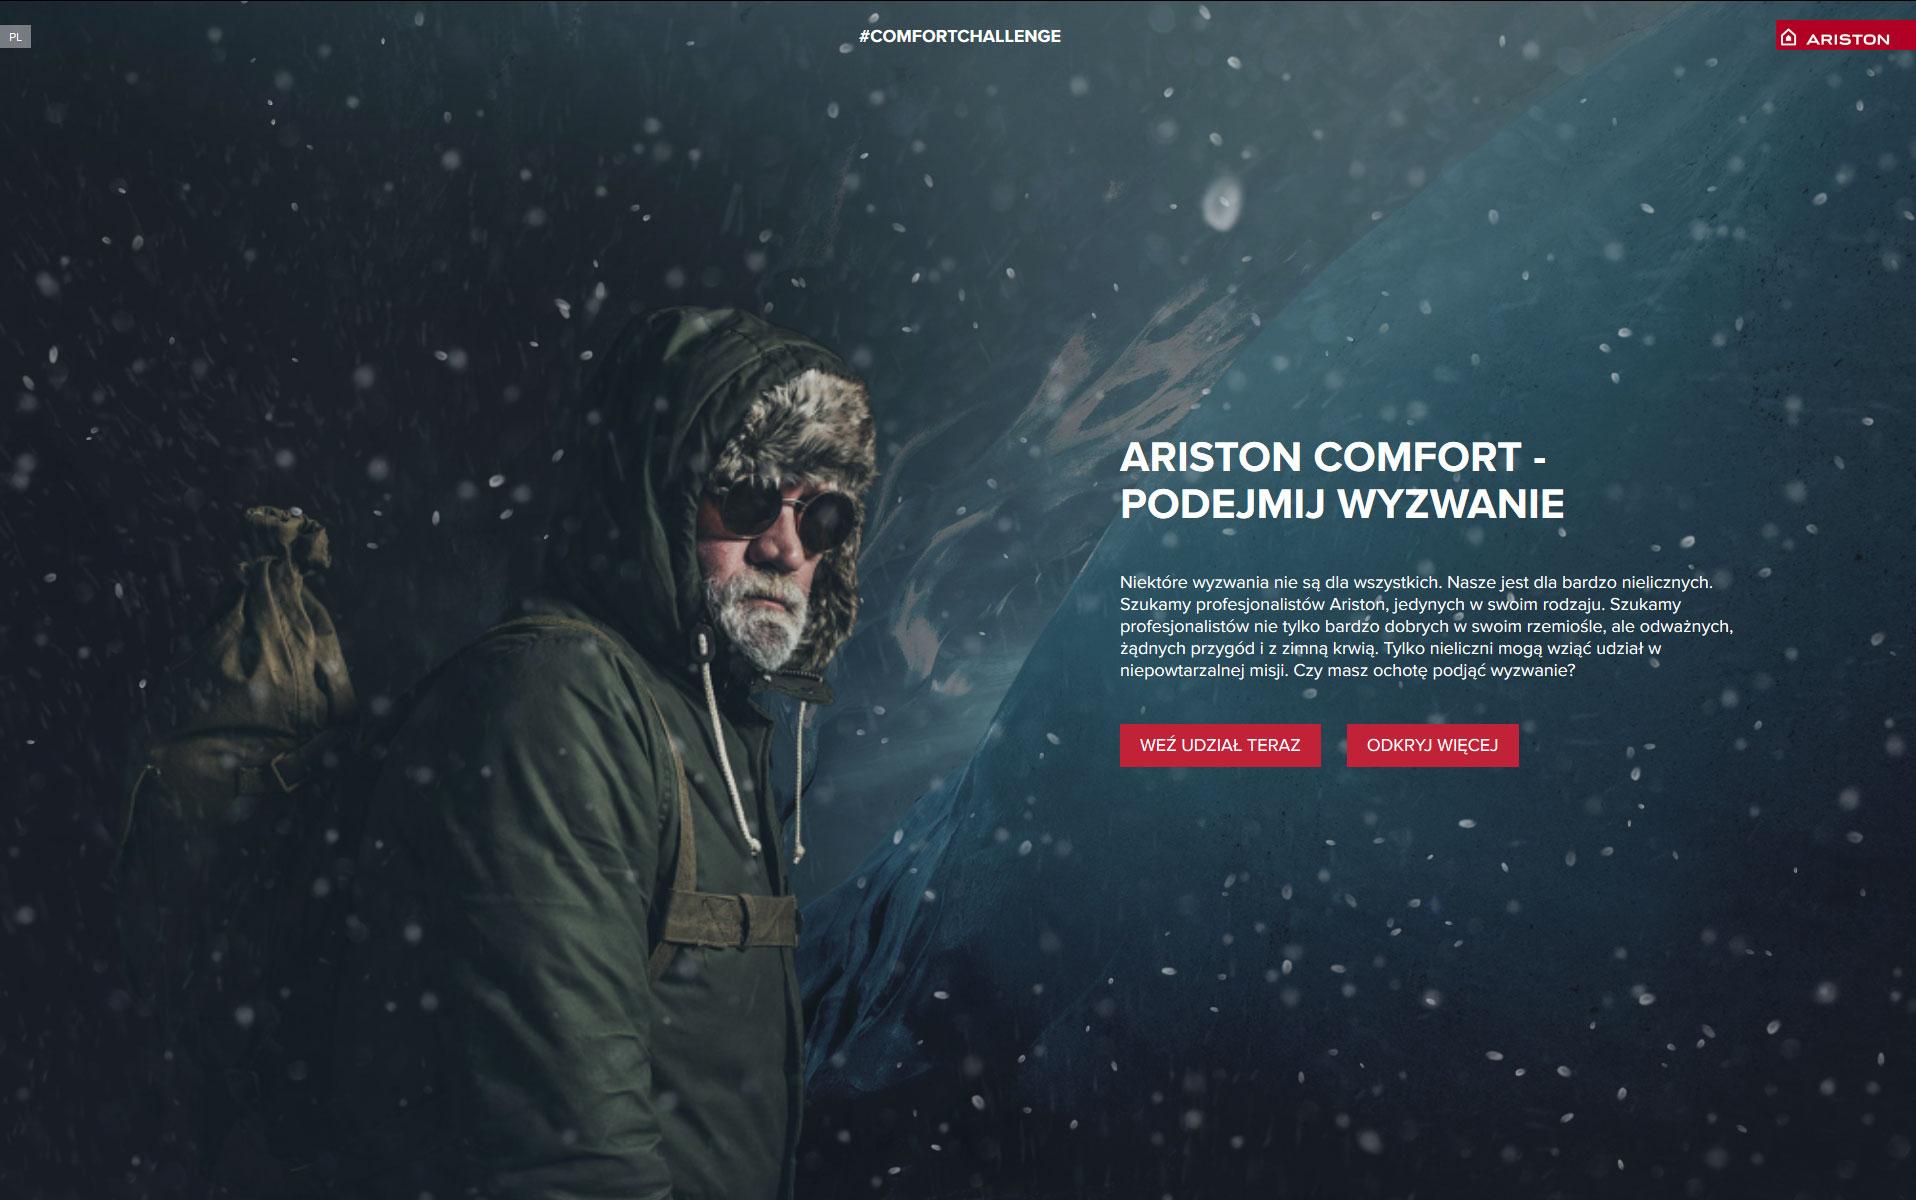 ariston comfort podejmij wyzwanie i sprawdz jak wyglada misja w warunkach ekstremalnych - Ostatnie dni rekrutacji - Ariston Comfort – podejmij wyzwanie